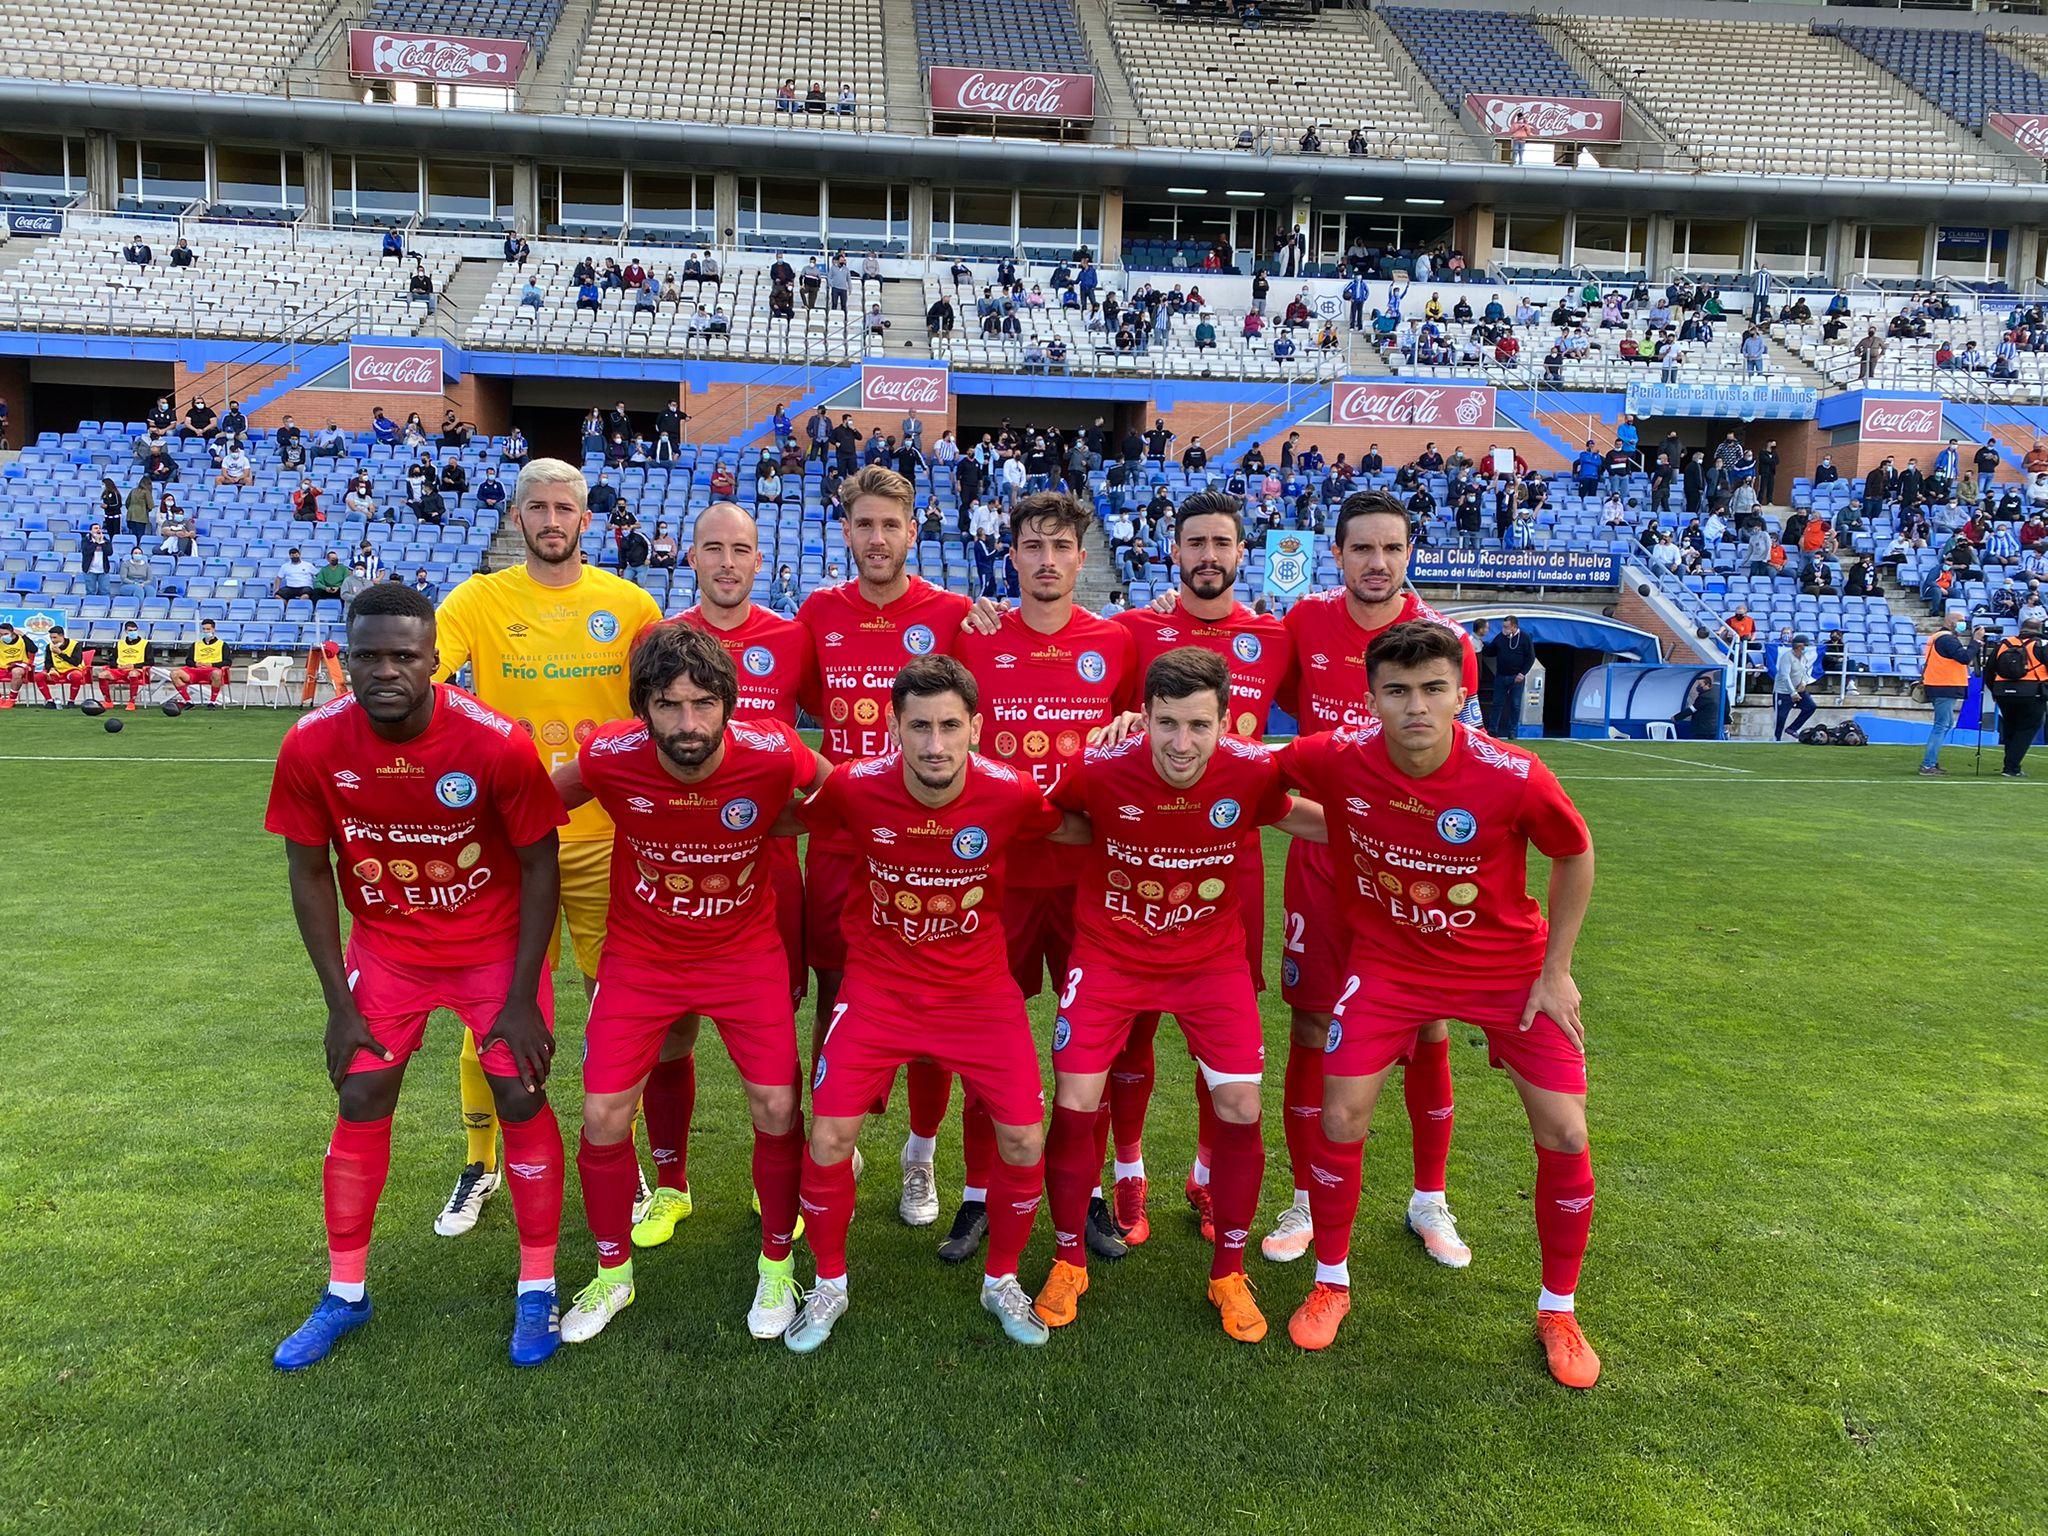 El Club Deportivo El Ejido vence en Huelva y logra matemáticamente su plaza en la Segunda División RFEF